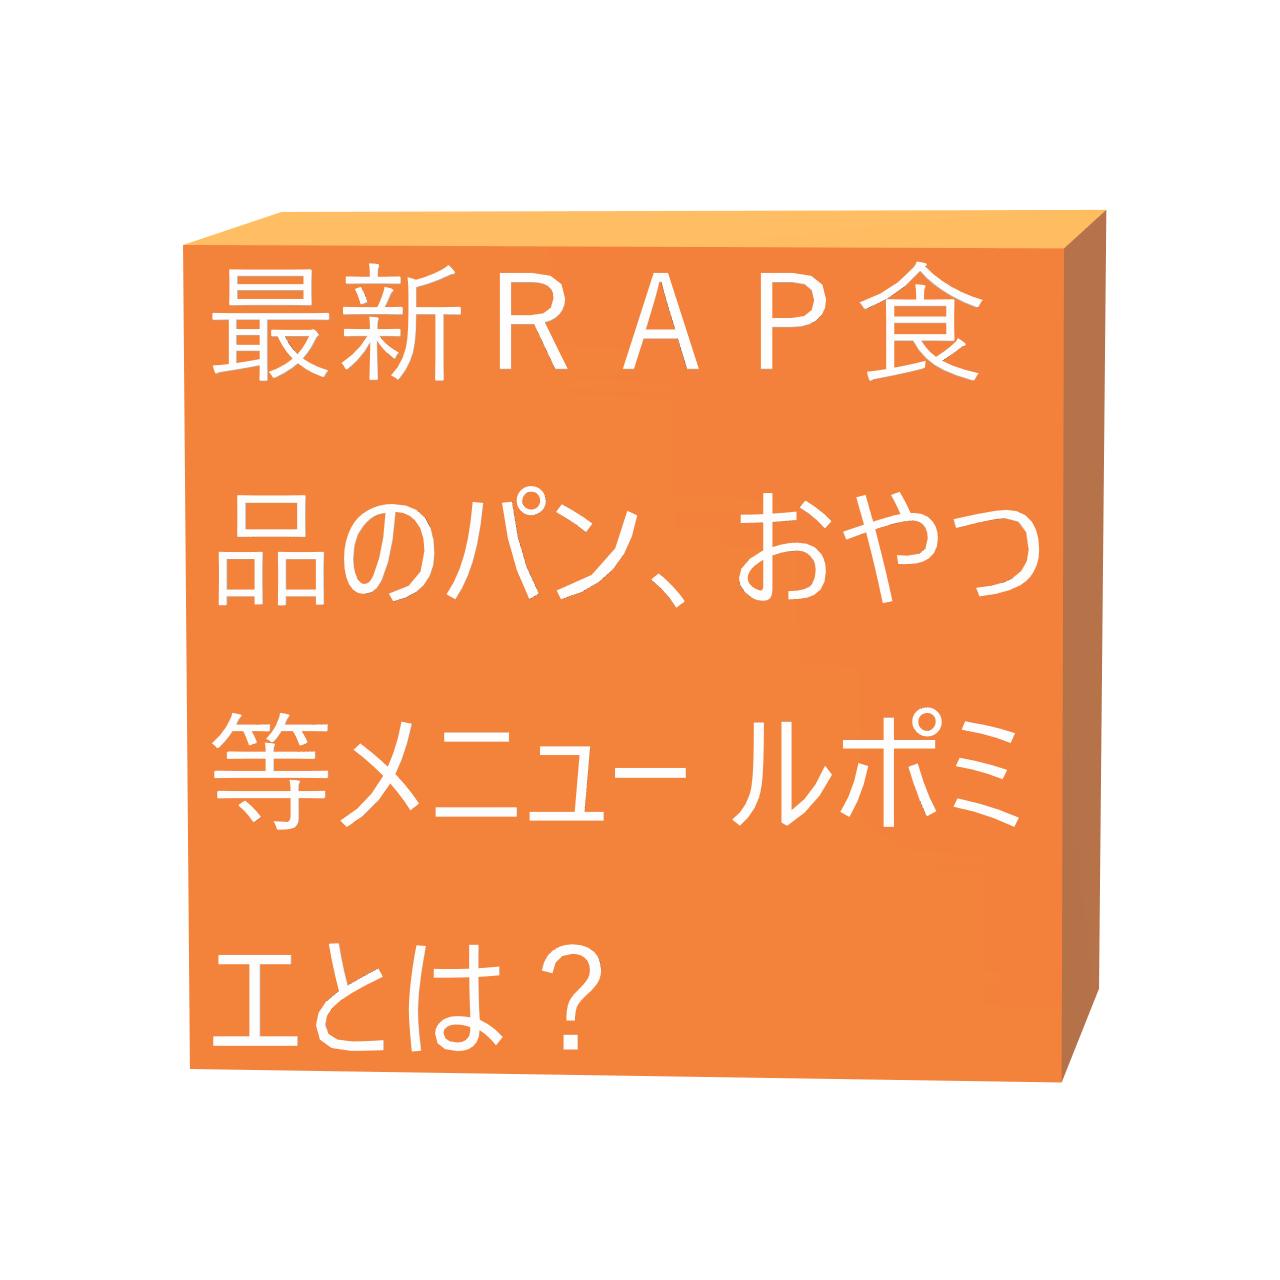 最新RAP食品のパン、おやつ等ルポミエに関わる画像です